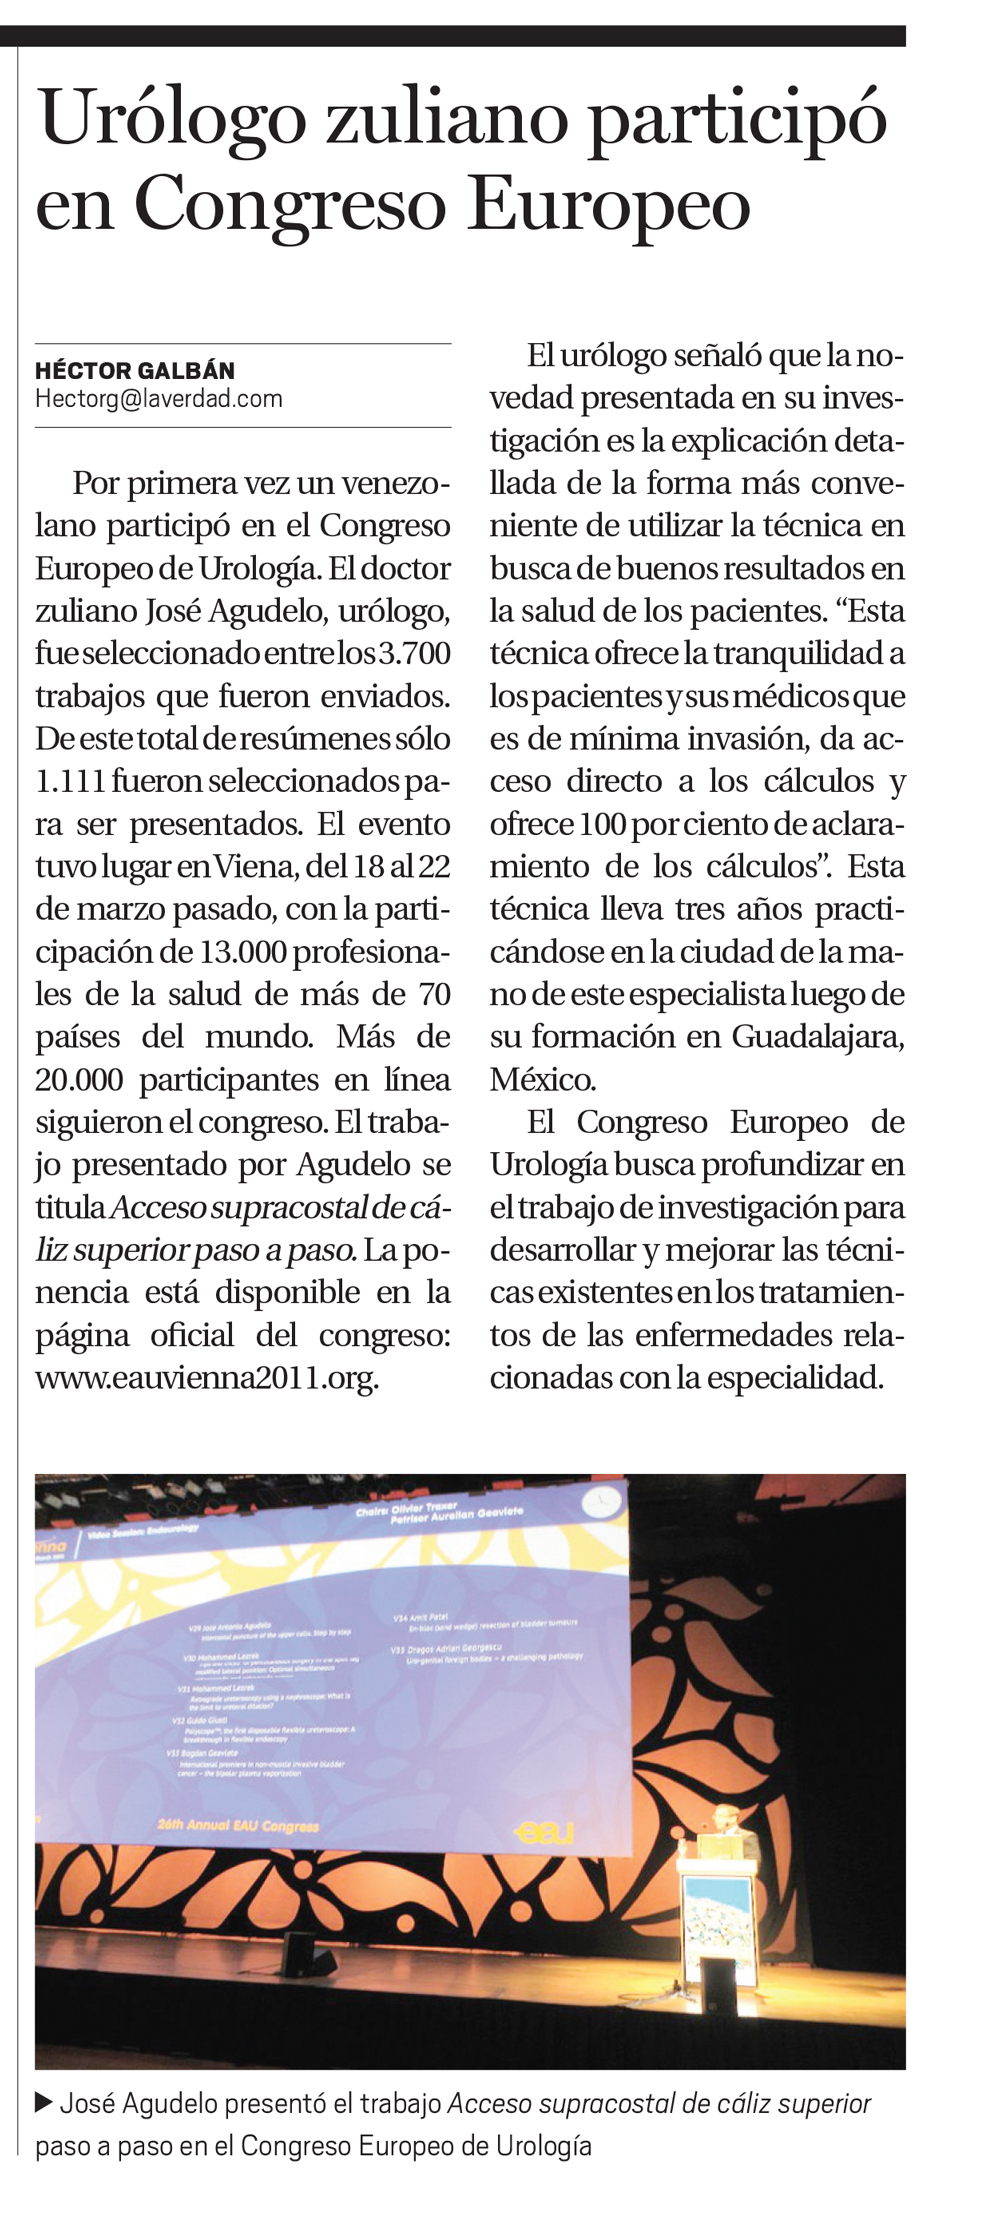 Urólogo zuliano participó en Congreso Europeo